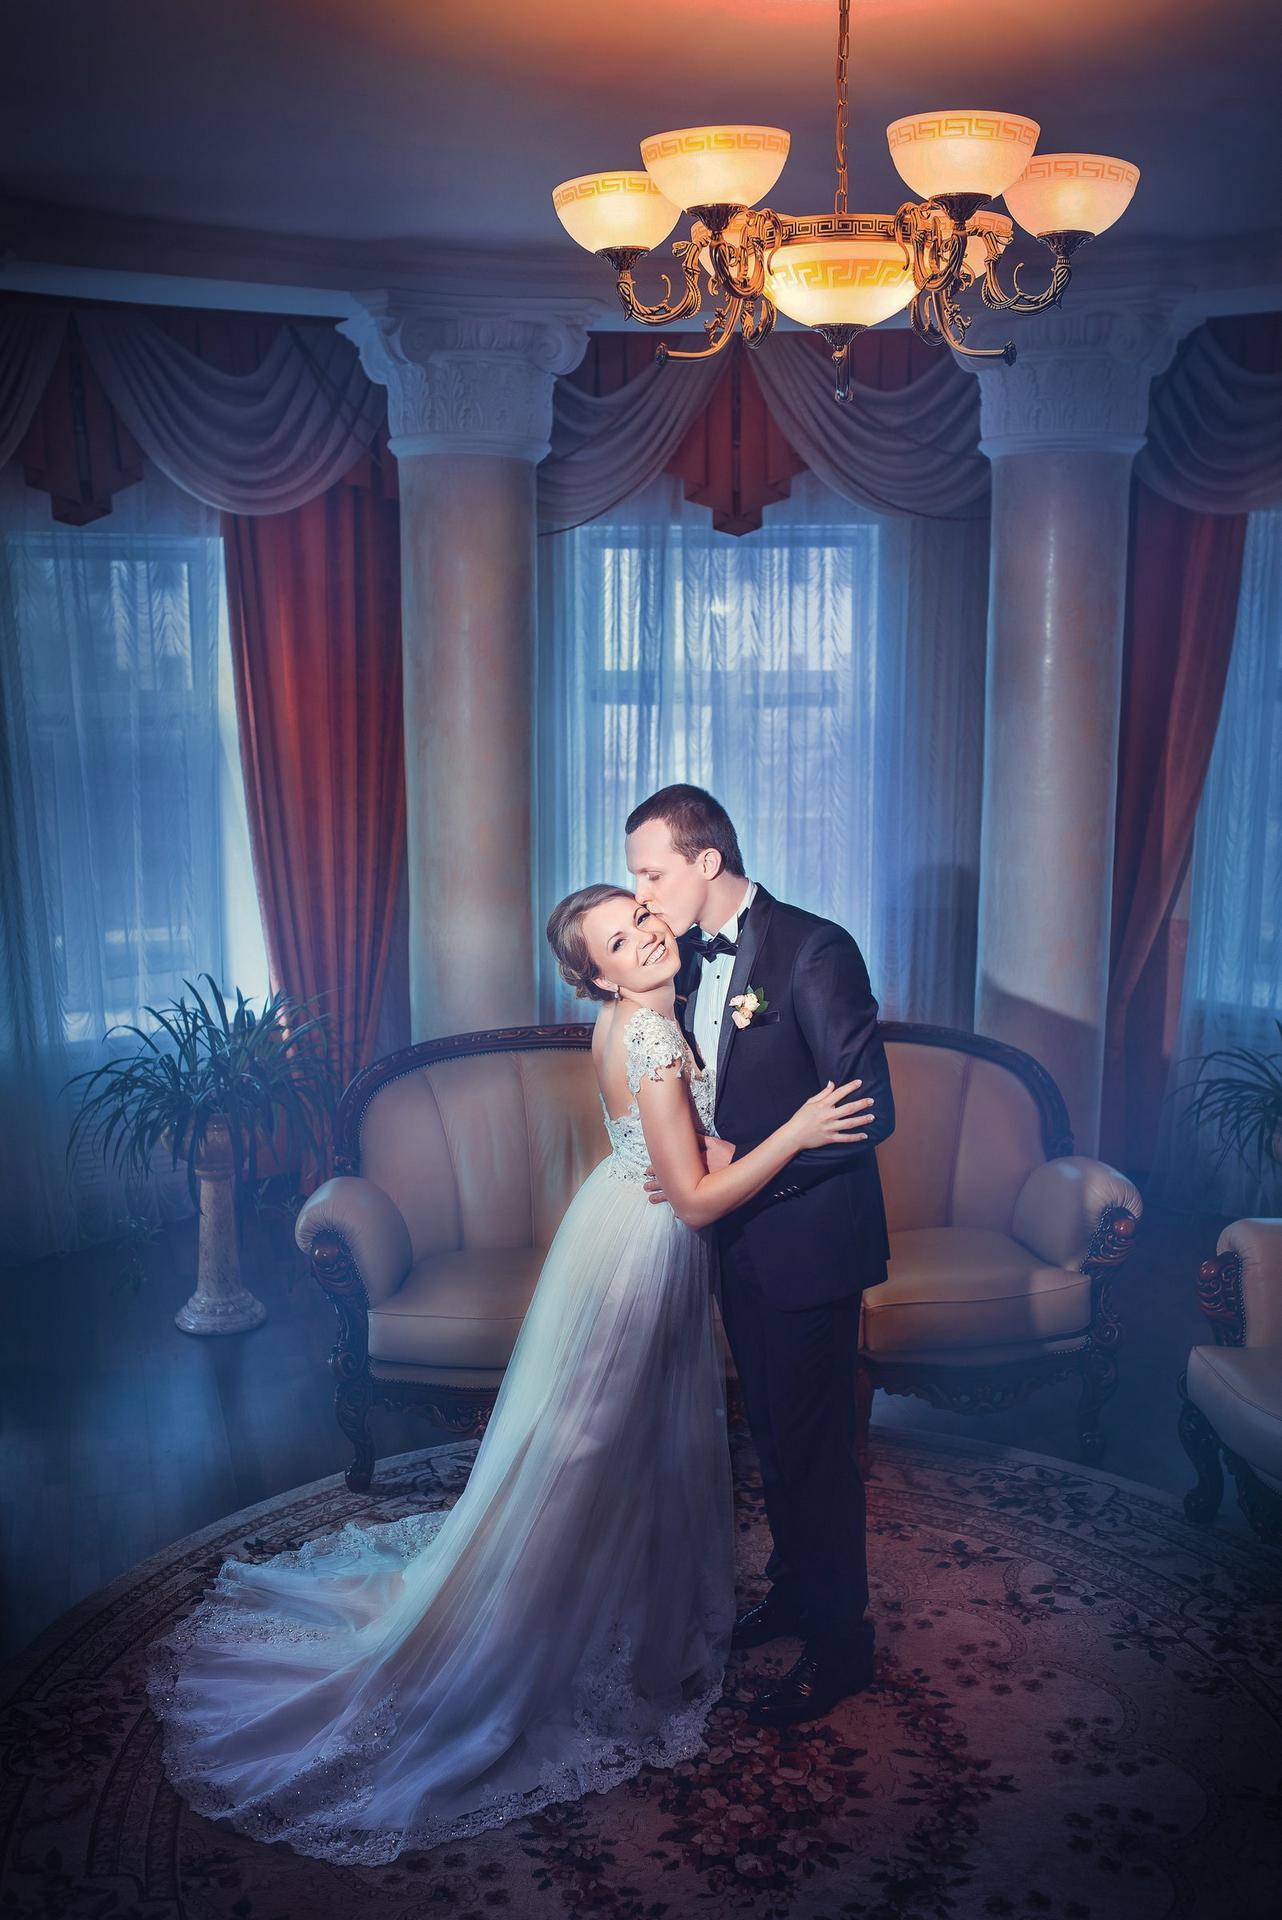 необычное свадебное фото